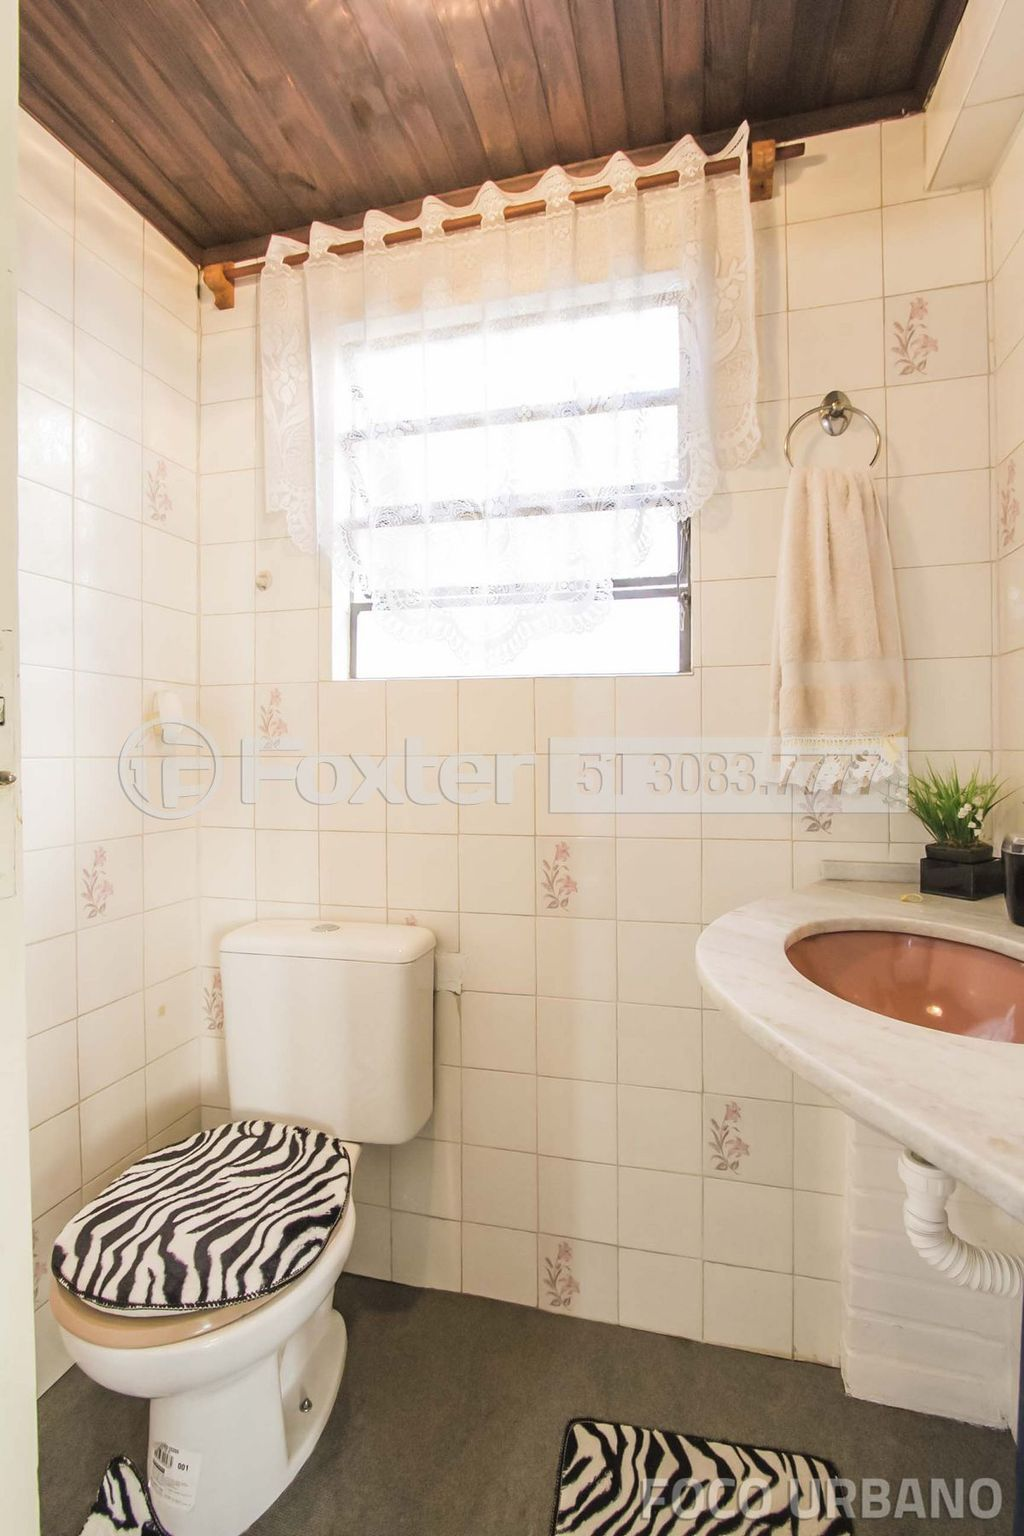 Foxter Imobiliária - Cobertura 3 Dorm (139458) - Foto 16